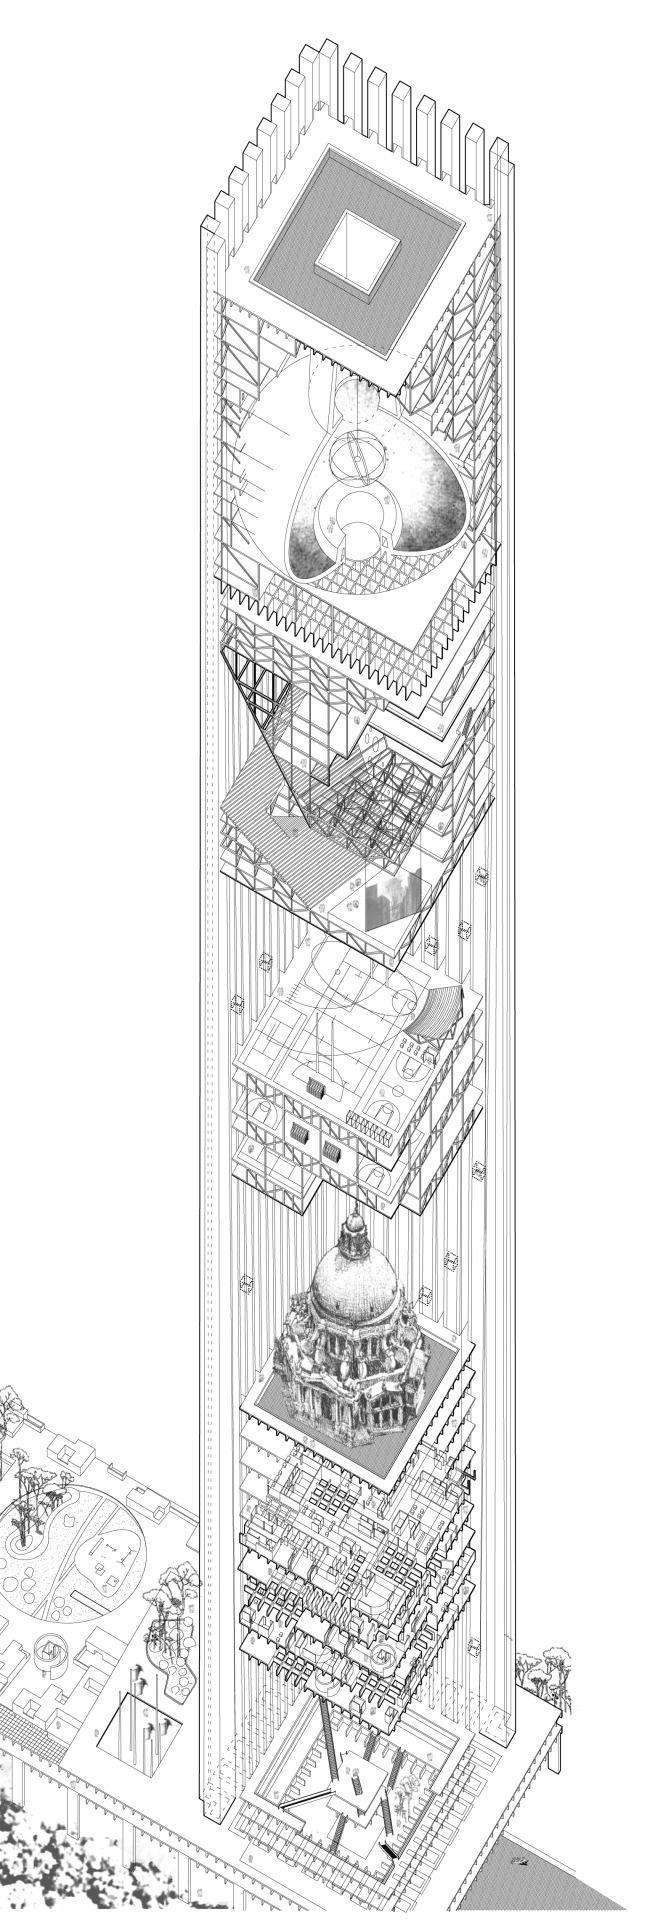 LOKOMOTIV.archs office, LKMV, Xavier Calderon Architektur - Torres Bicentenario